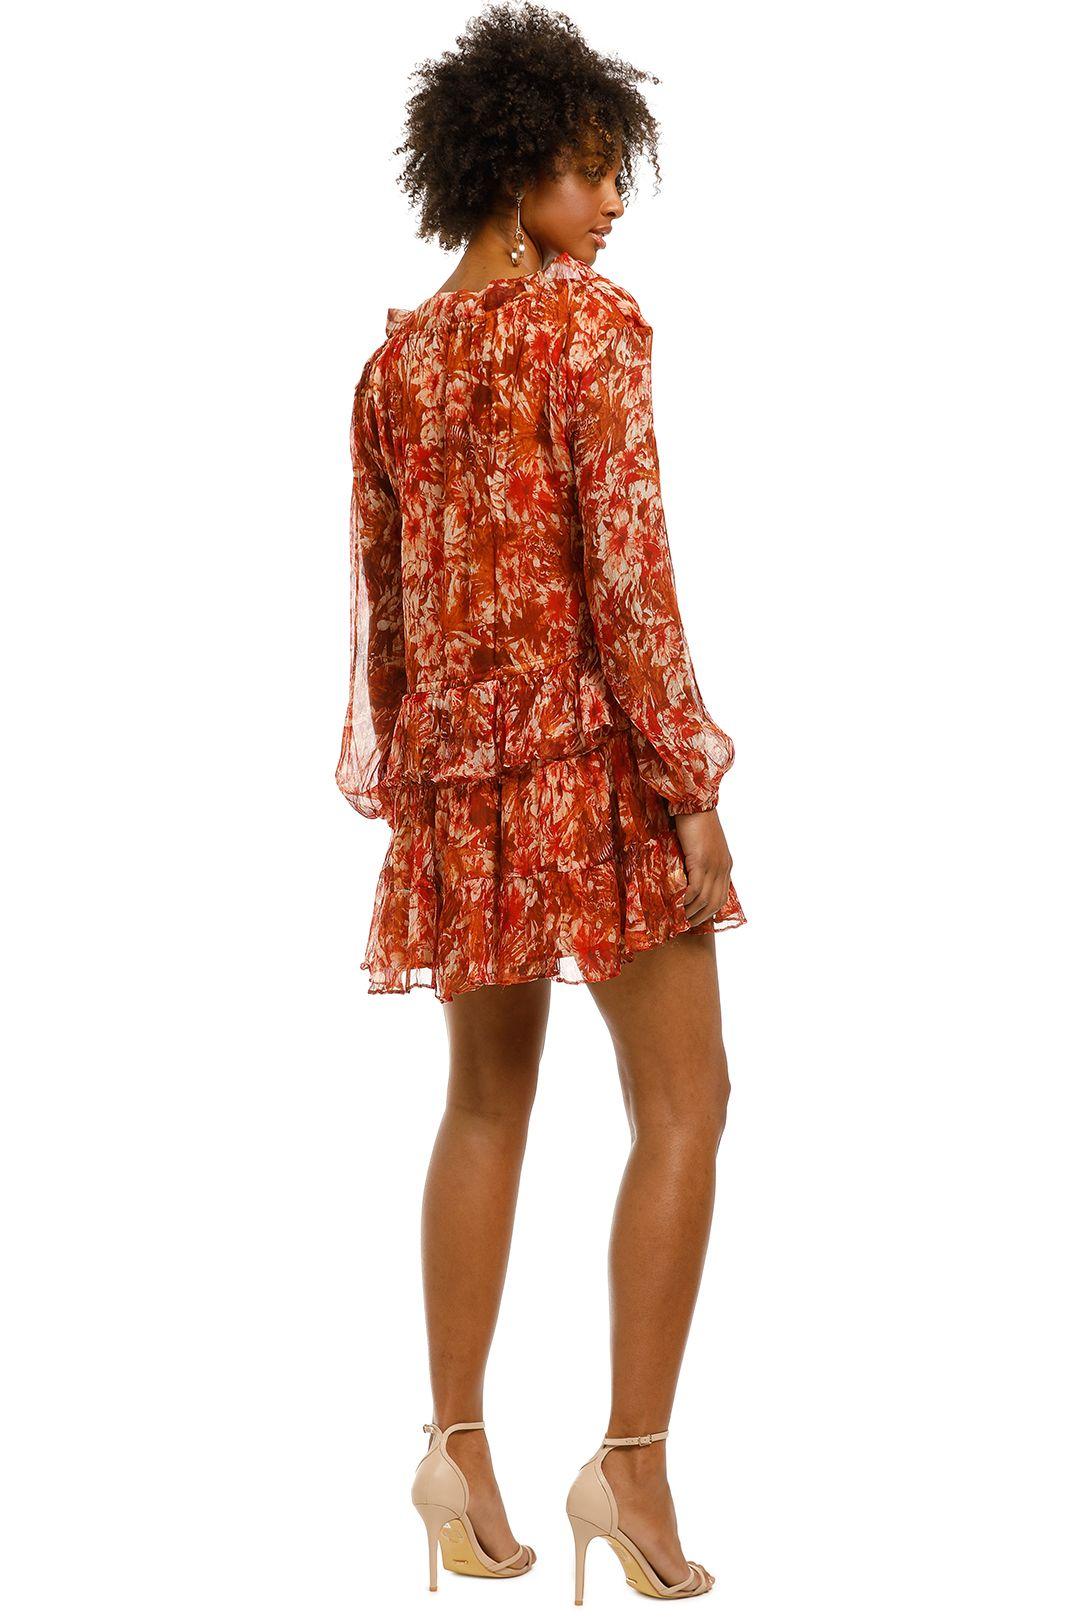 MLM-Label-Cirque-Dress-Rustic-Jungle-Back